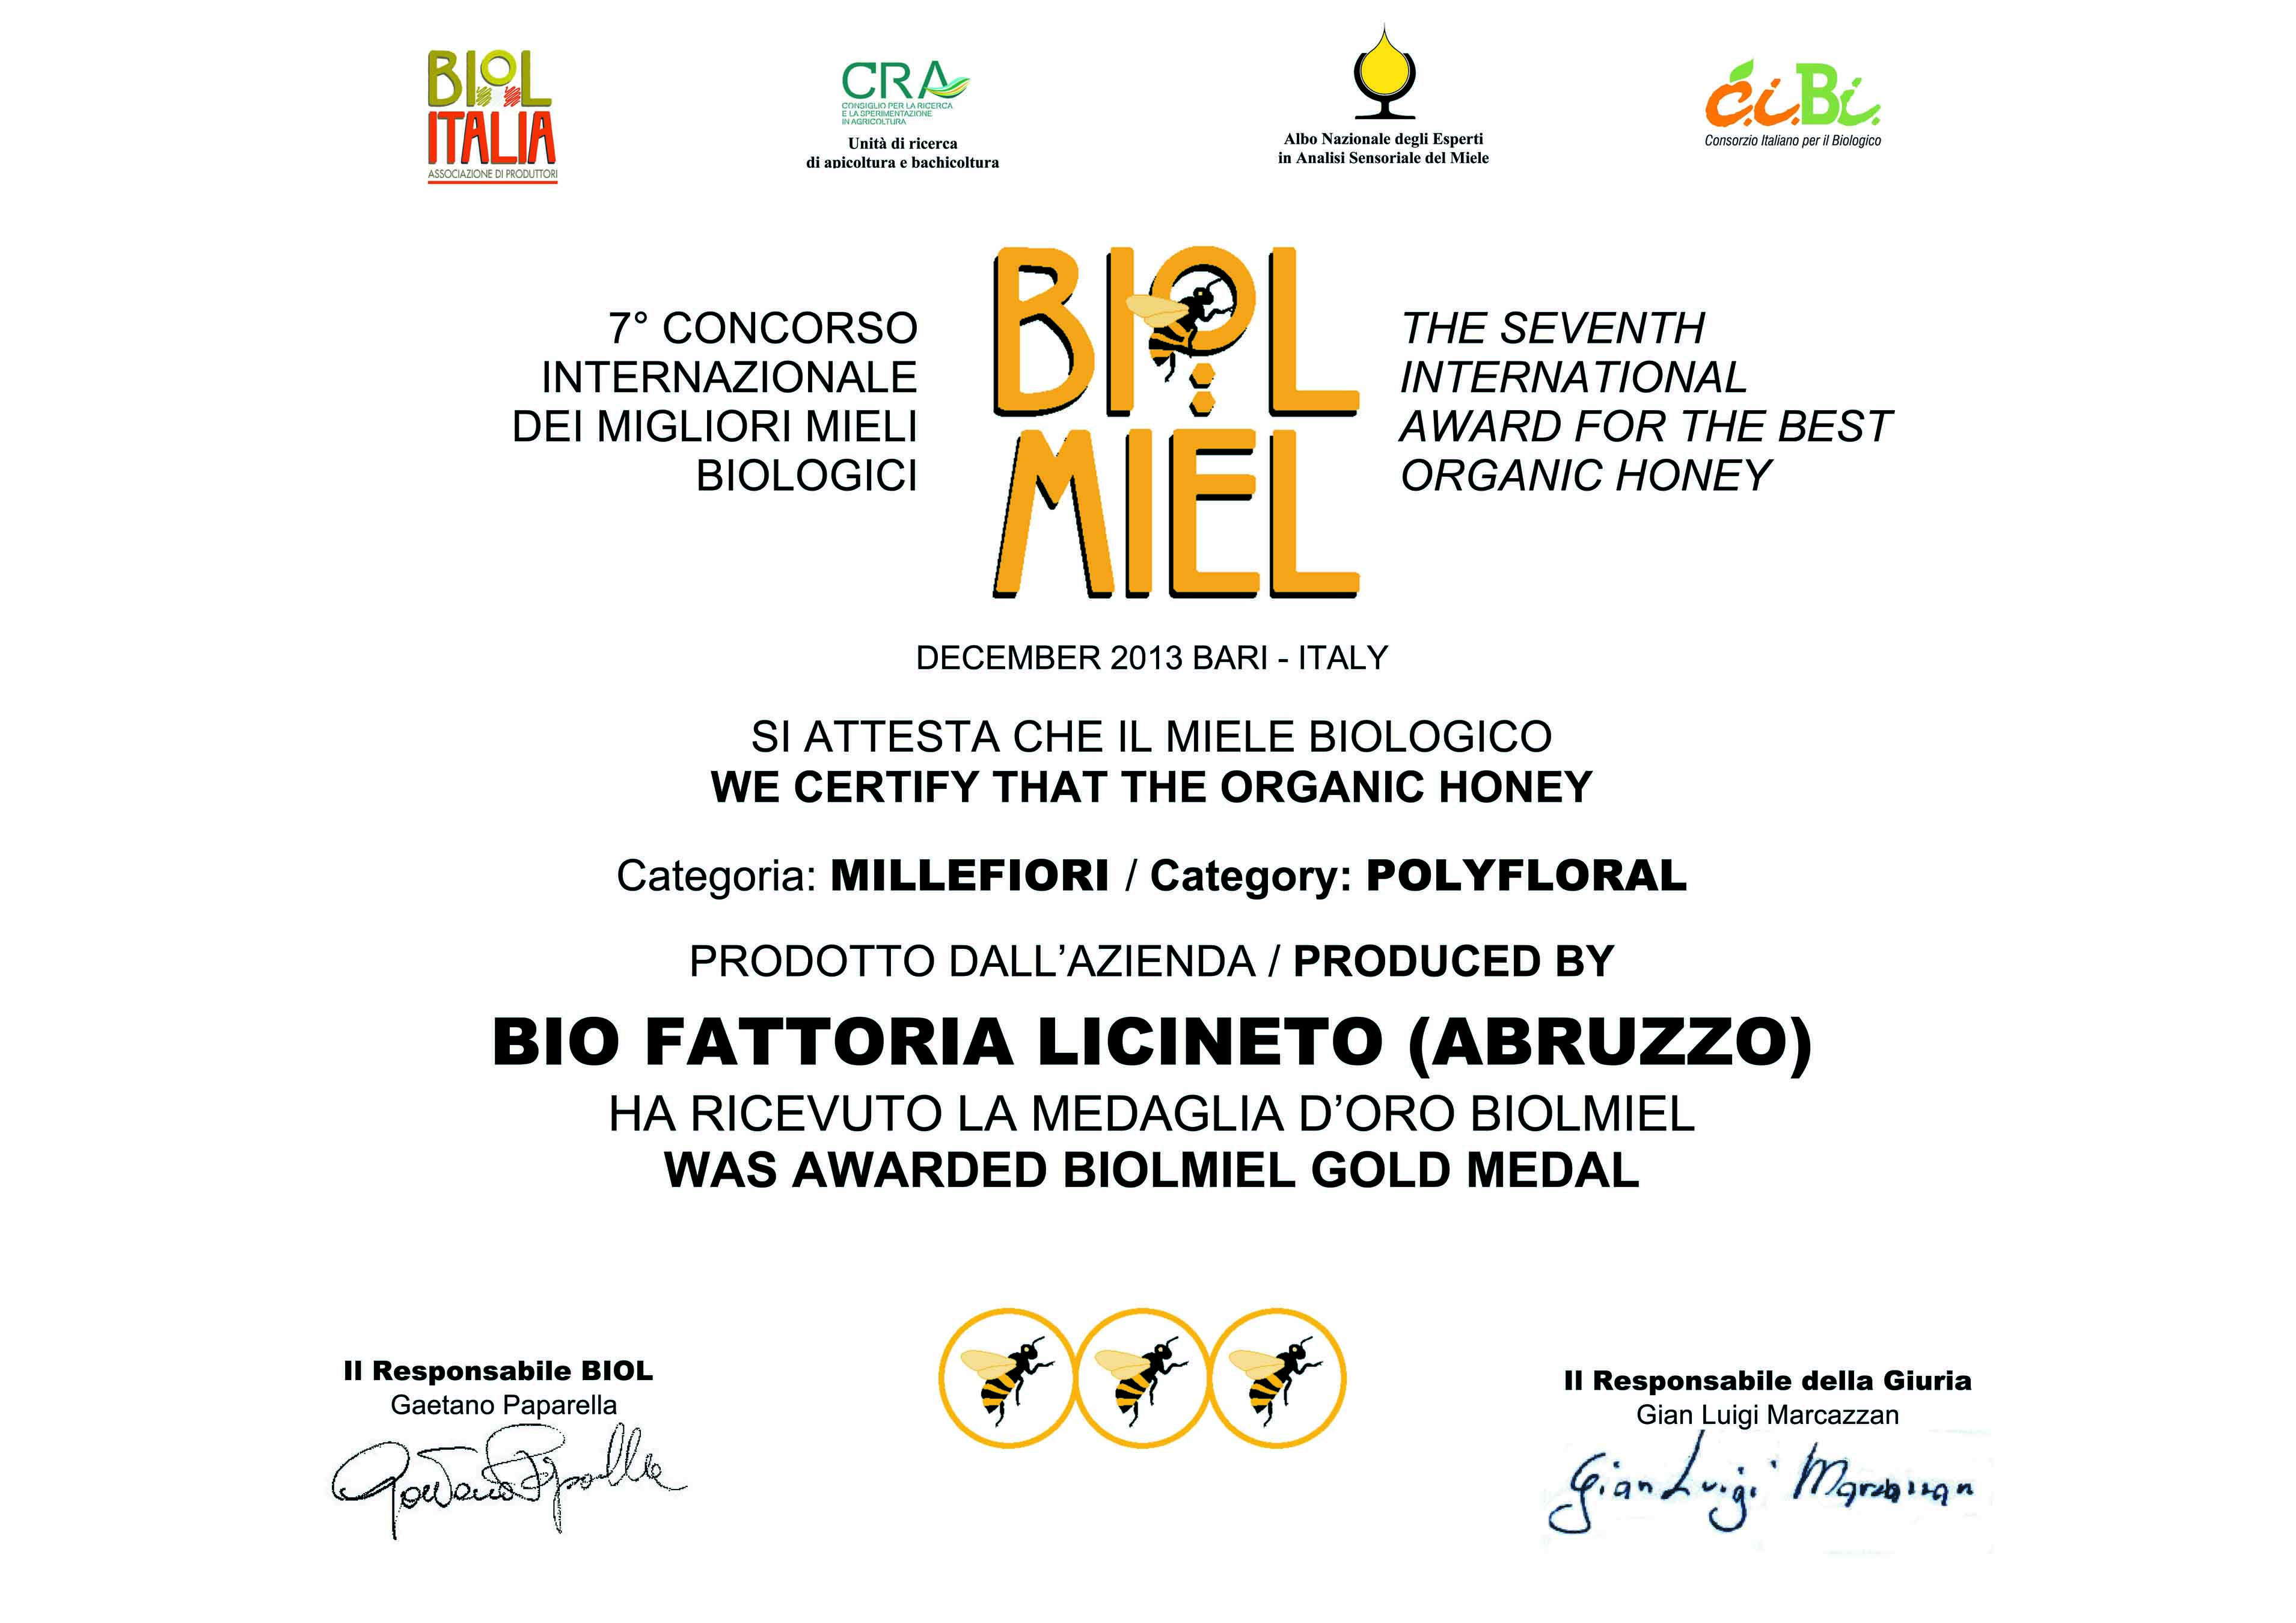 Microsoft Word - licineto.millefiori.2013.gold.doc